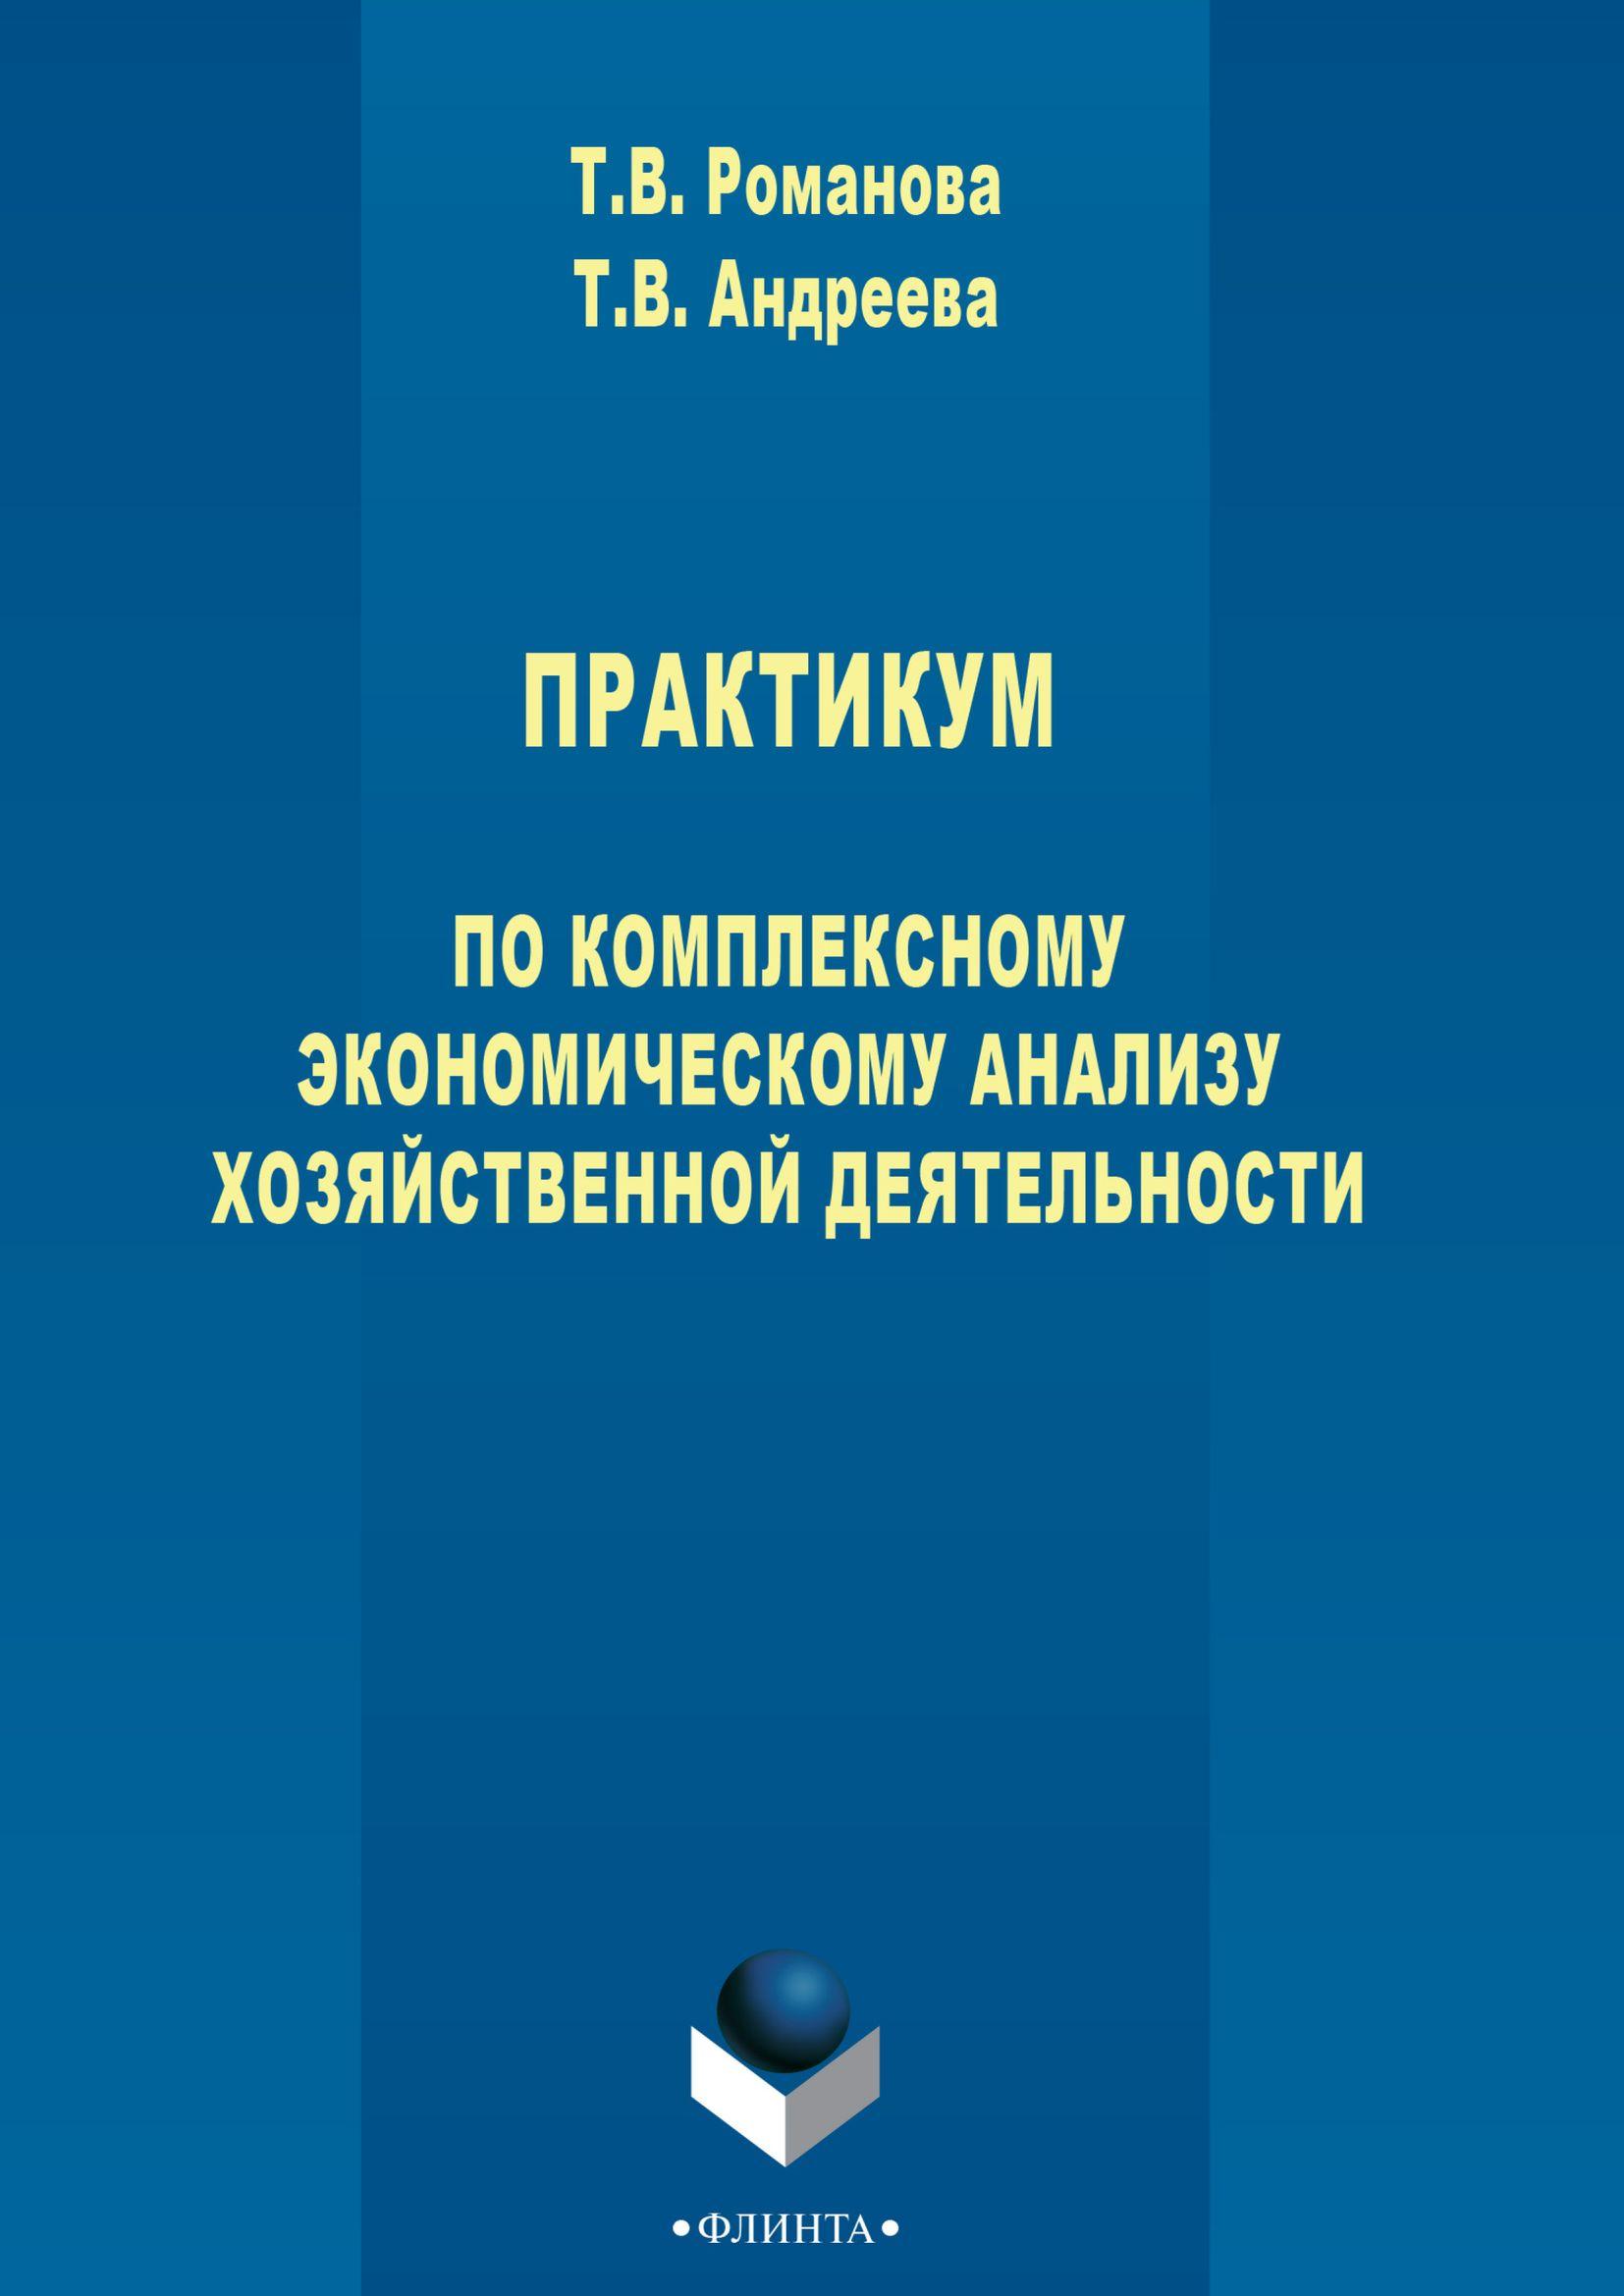 Практикум по комплексному экономическому анализу хозяйственной деятельности ( Татьяна Андреева  )